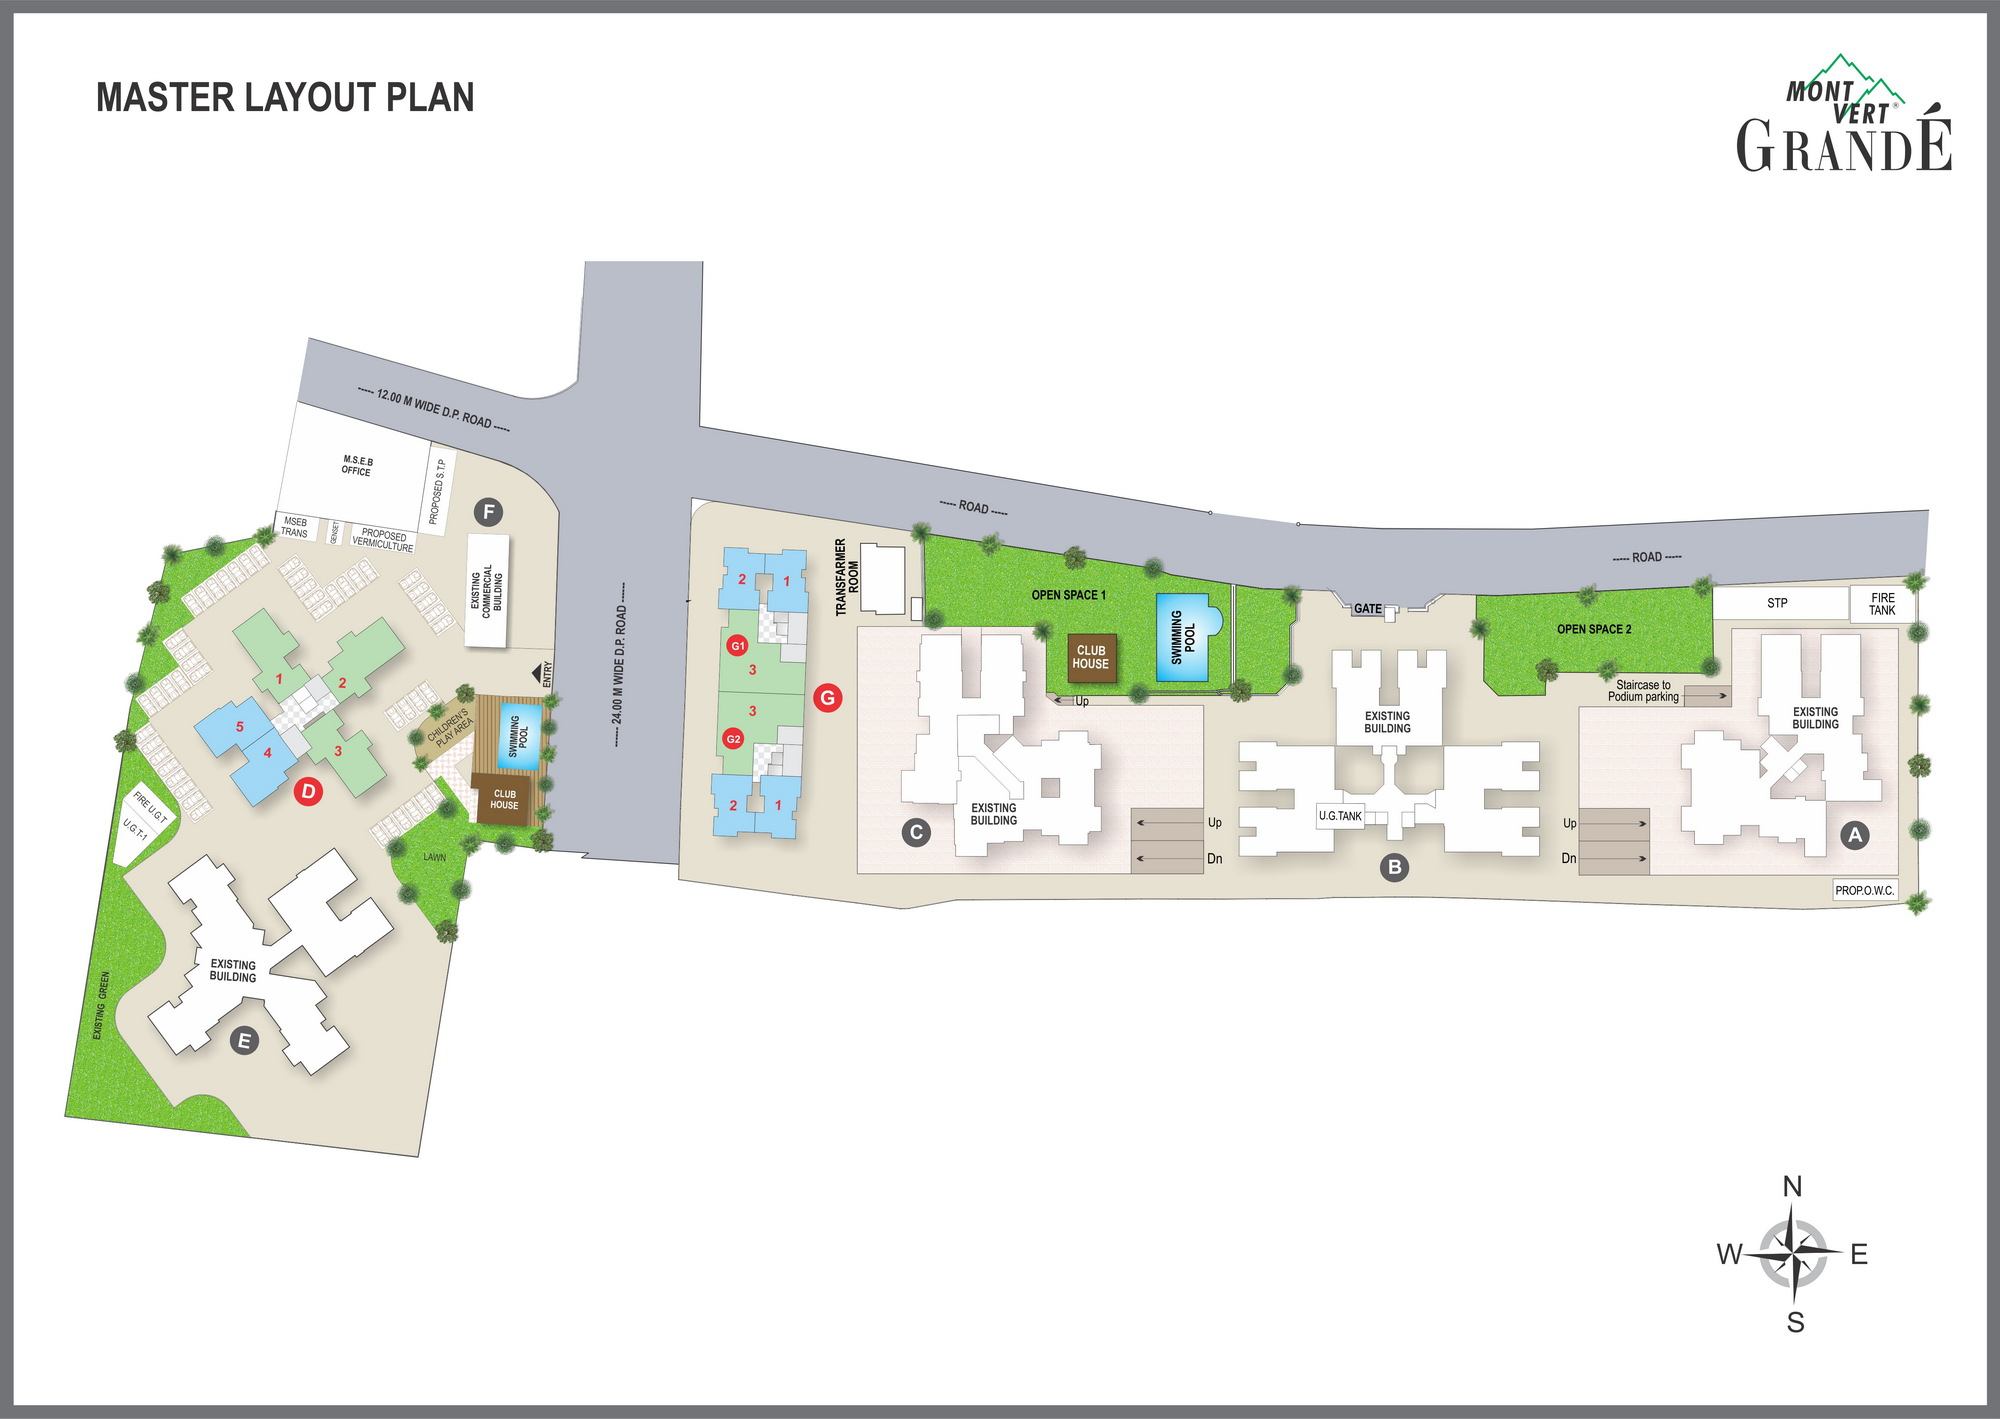 Master Layout Plan – 2, 3 BHK Flats in Pashan – Mont Vert Grande